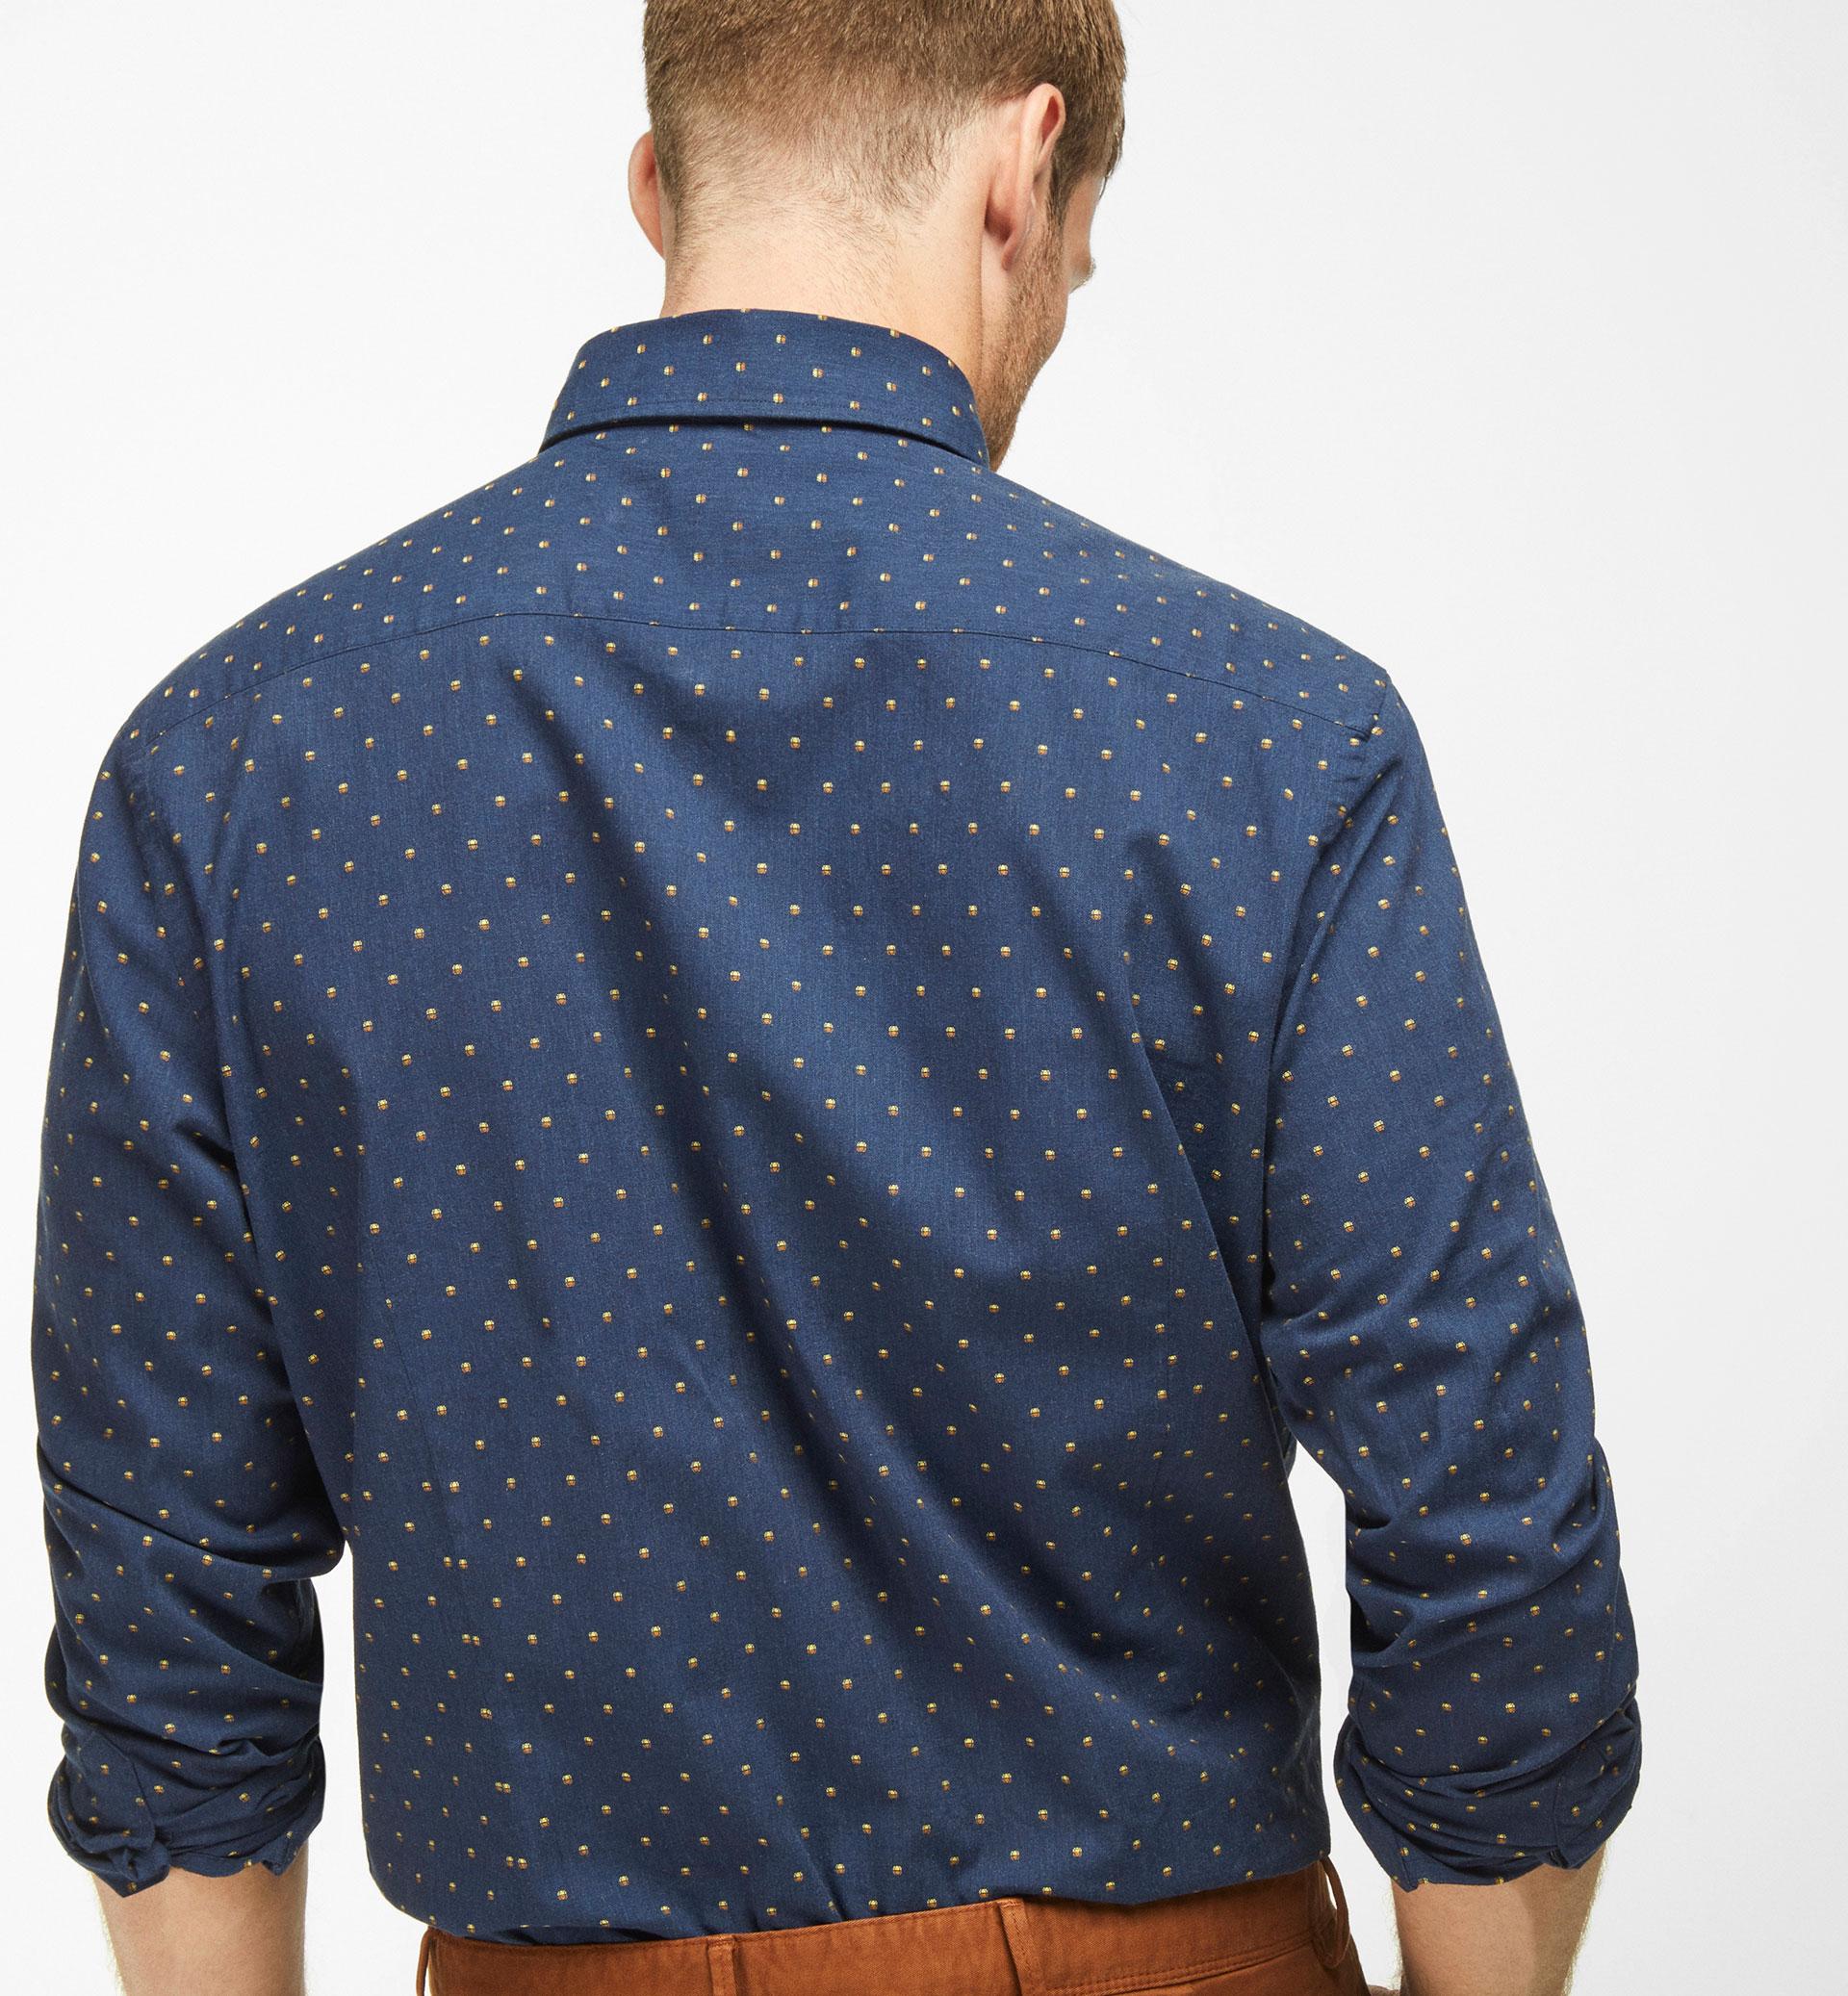 SLIM FIT NAVY BLUE SHIRT WITH FIL COUPÉ DESIGN